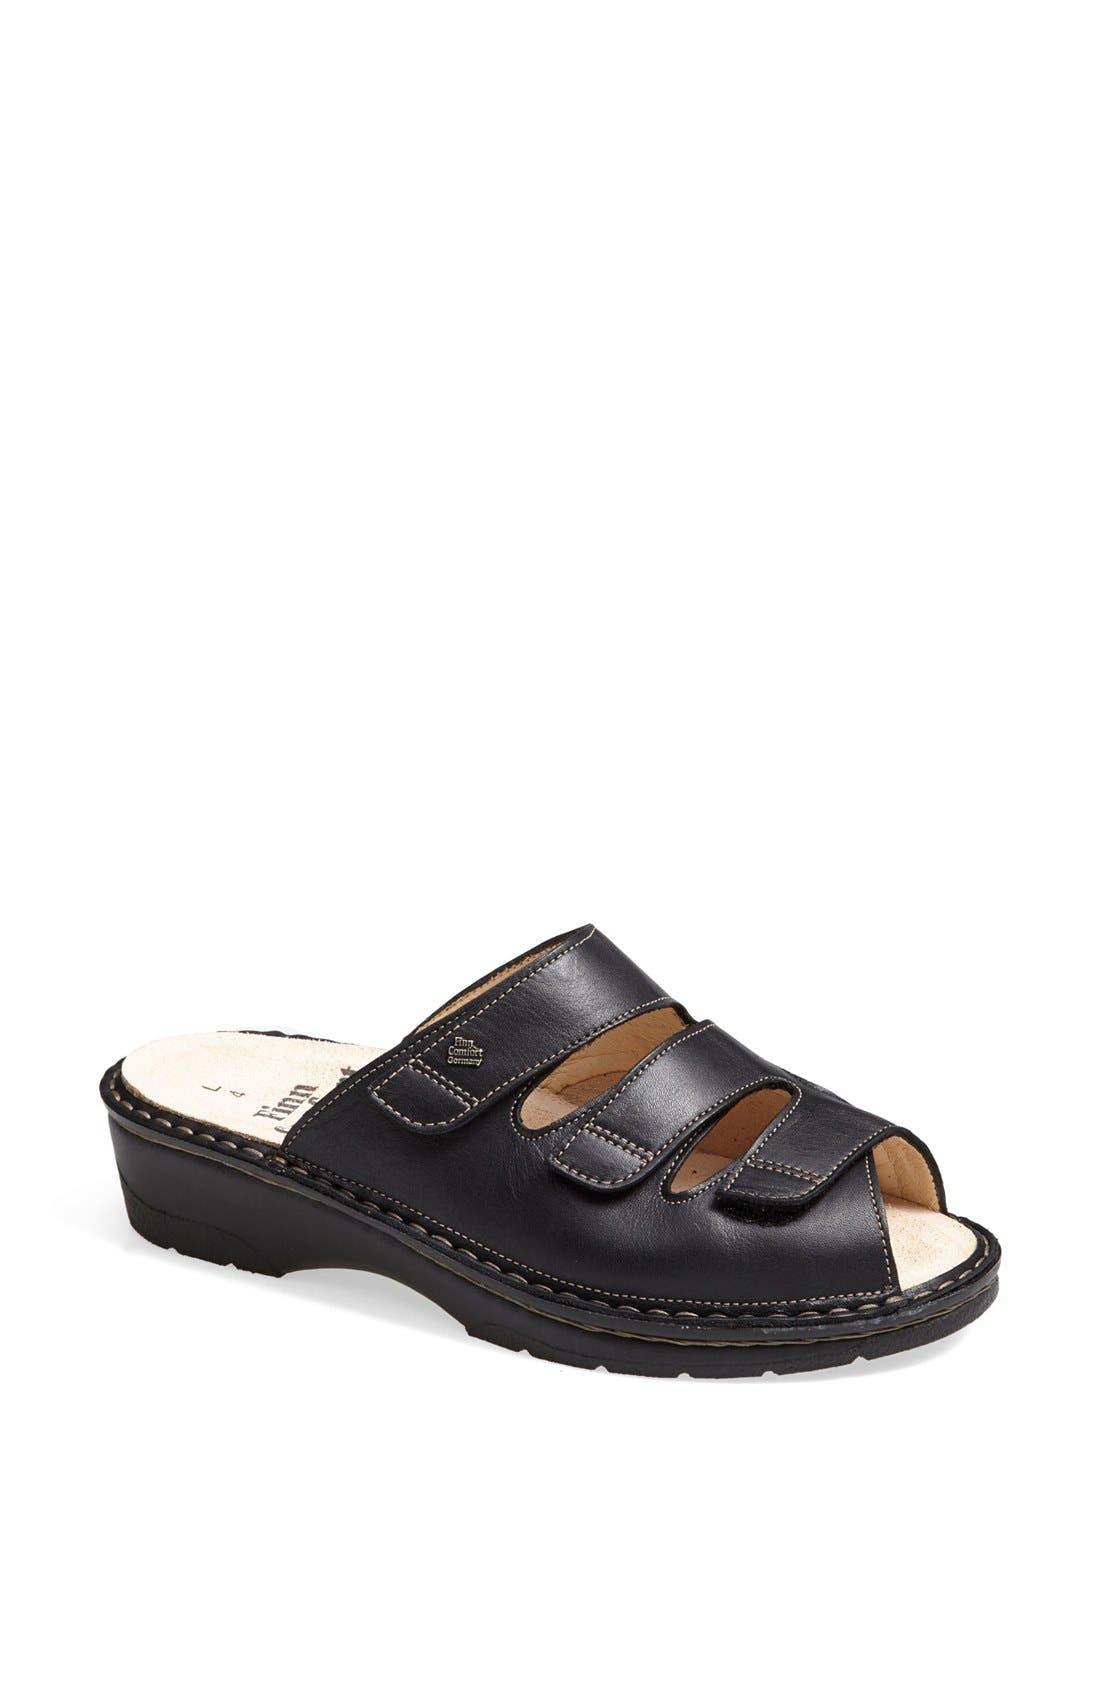 'Tilburg' Leather Sandal,                             Main thumbnail 1, color,                             Black